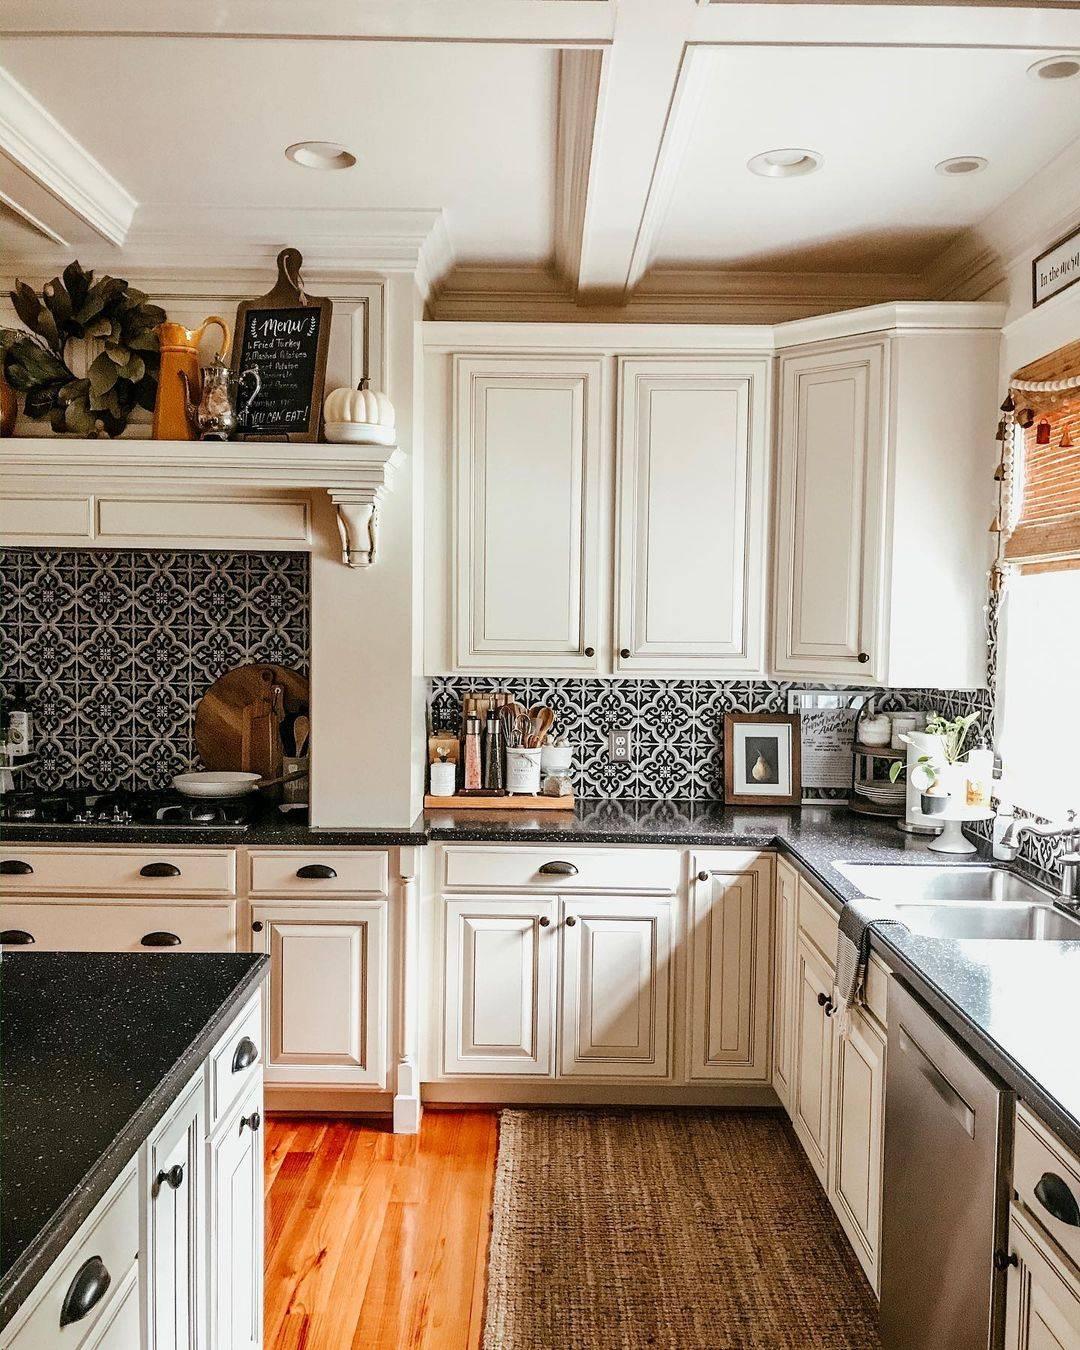 farmhouse backsplash ideas for your kitchen